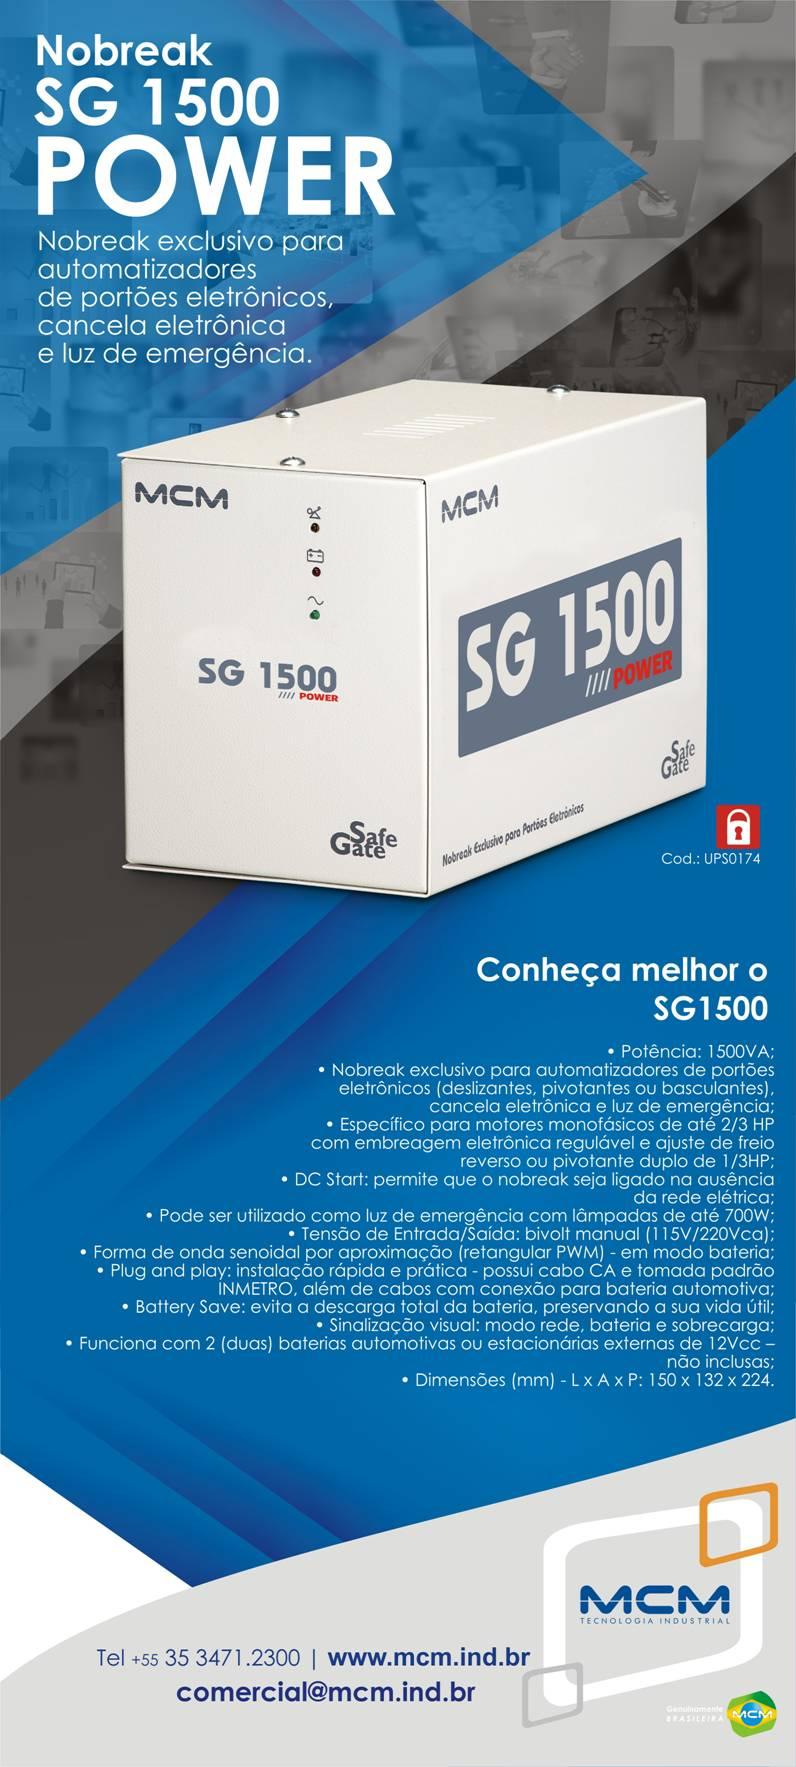 Nobreak SG 1500 para portão automático MCM